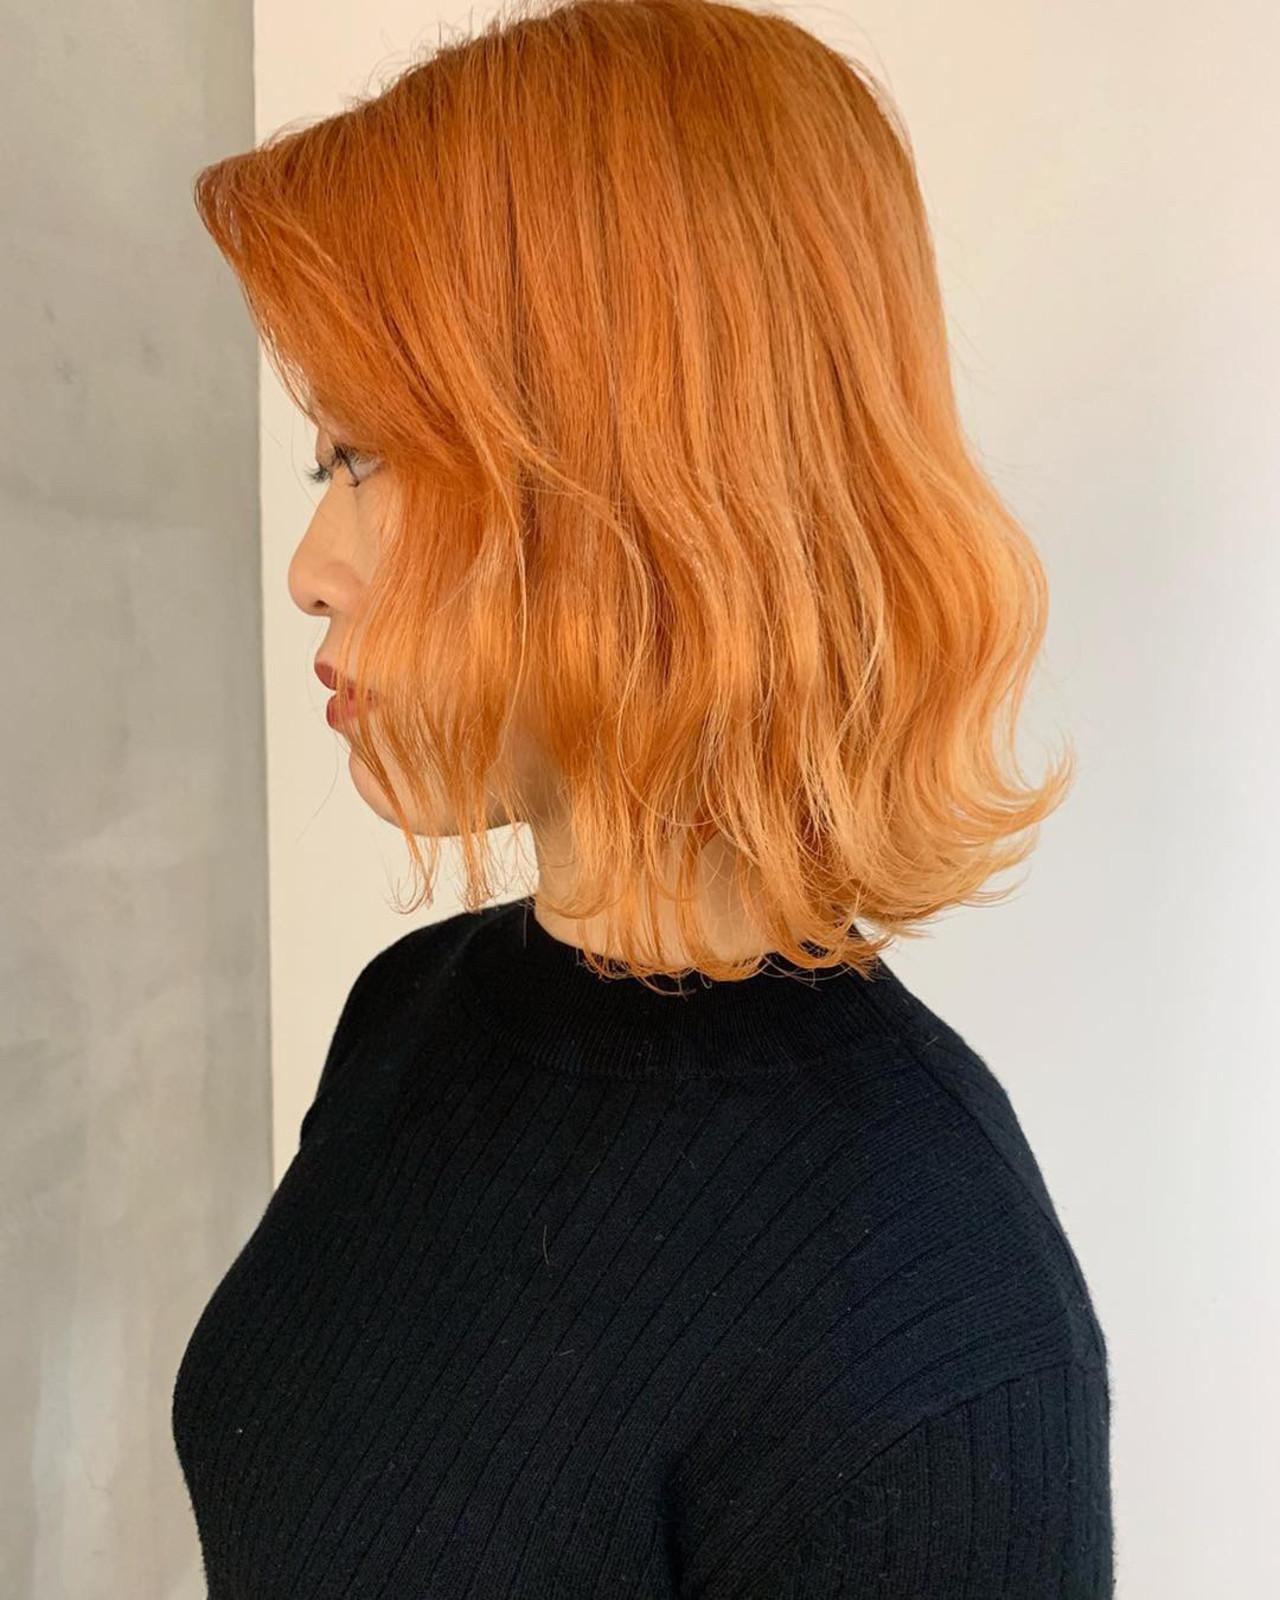 ストリート ボブ ハイトーン アプリコットオレンジ ヘアスタイルや髪型の写真・画像